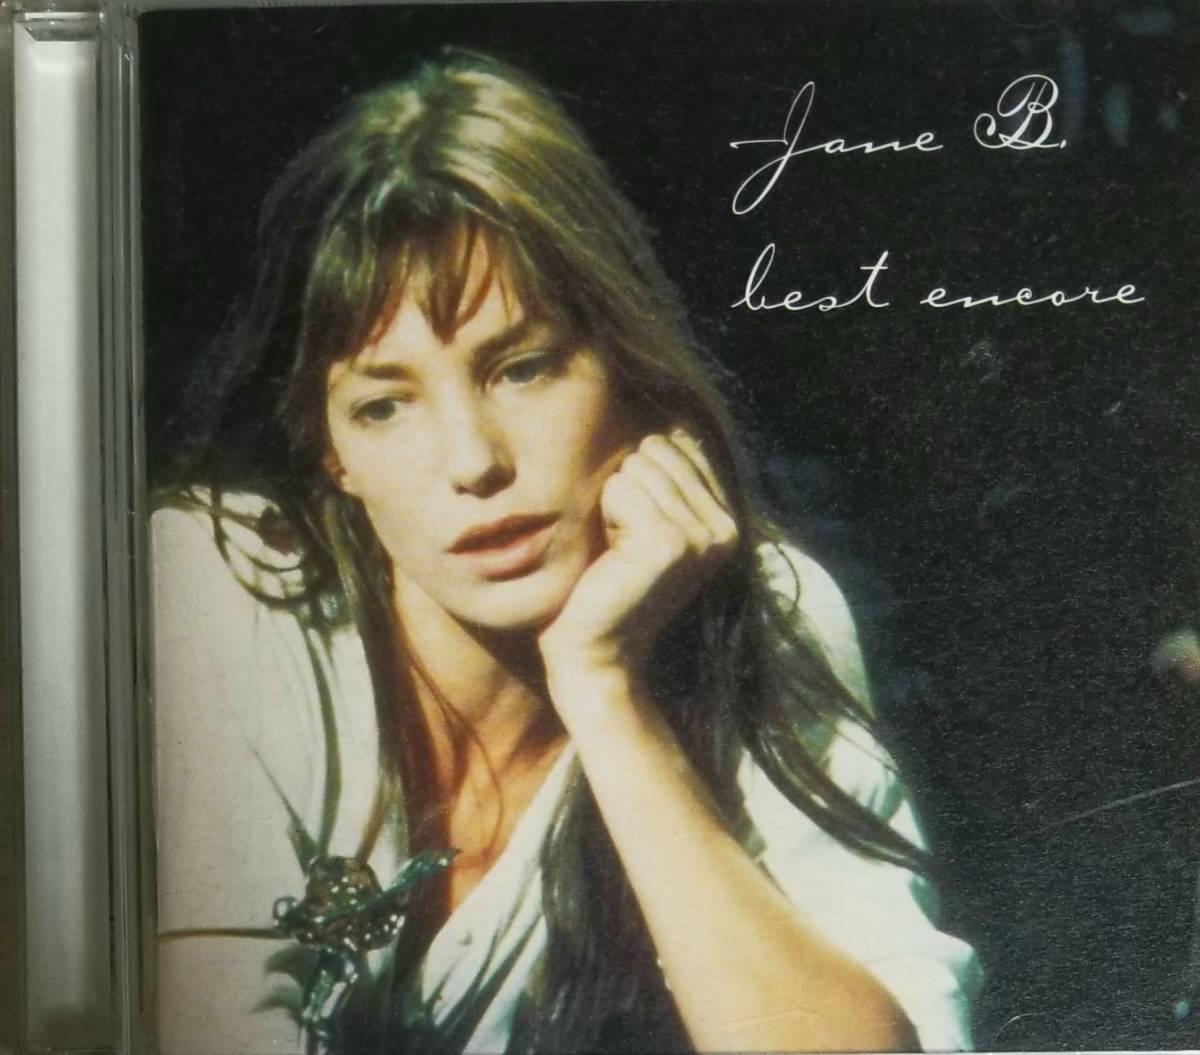 I59日本盤/送料無料■ジェーンバーキン(JaneBirkin)「ベストアンコール」CD(PHCA-1066) 歌詞、対訳、解説付き。BEST